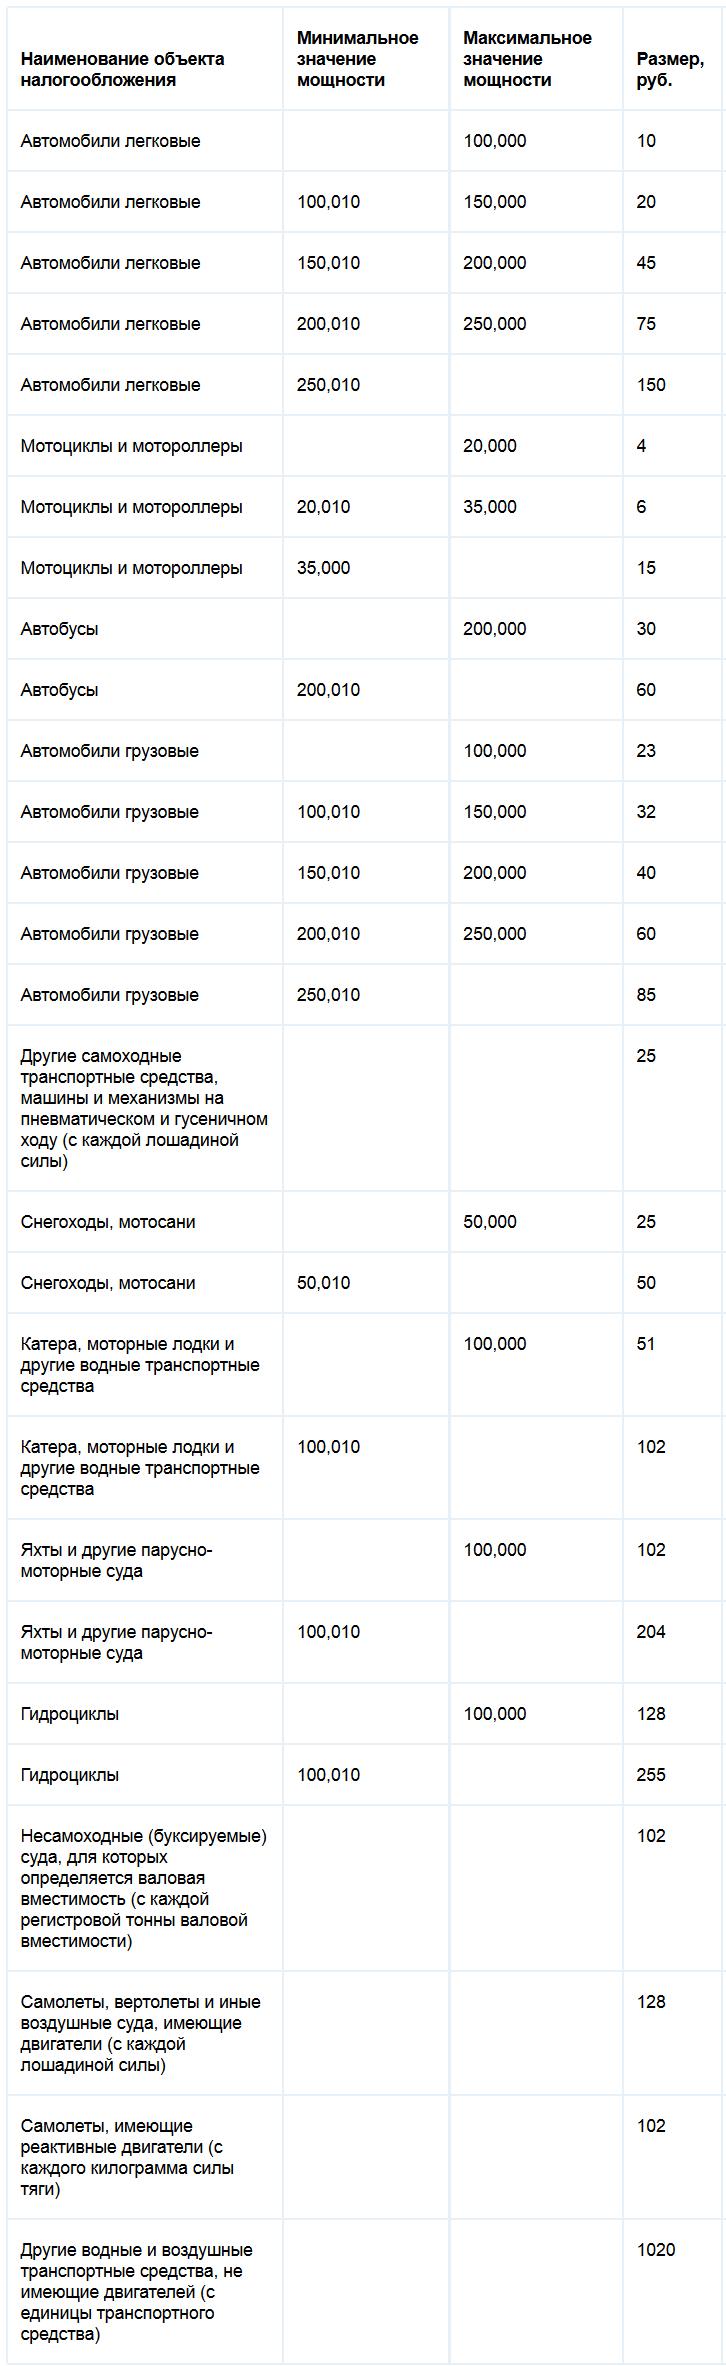 Ставки транспортного налога Рязанской области